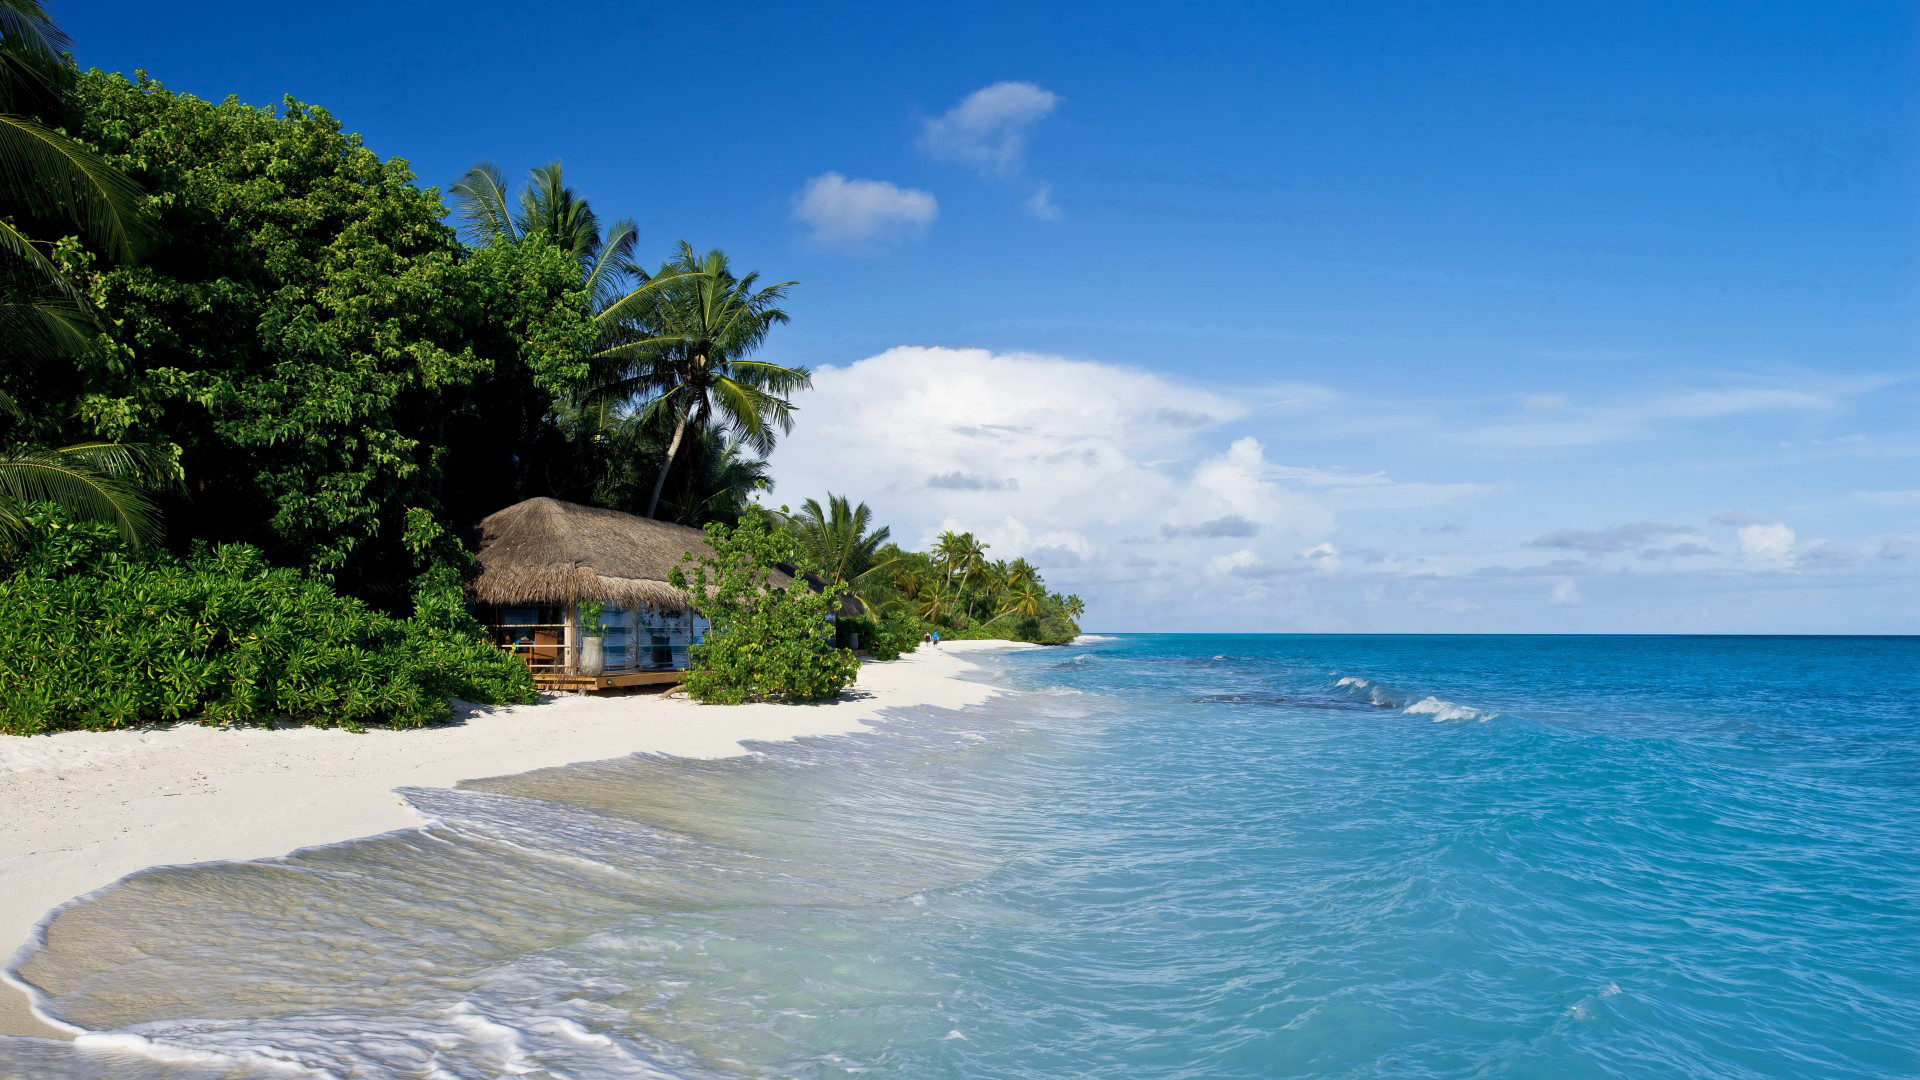 Sfondi maldive 56 immagini for Sfondi spiagge hd